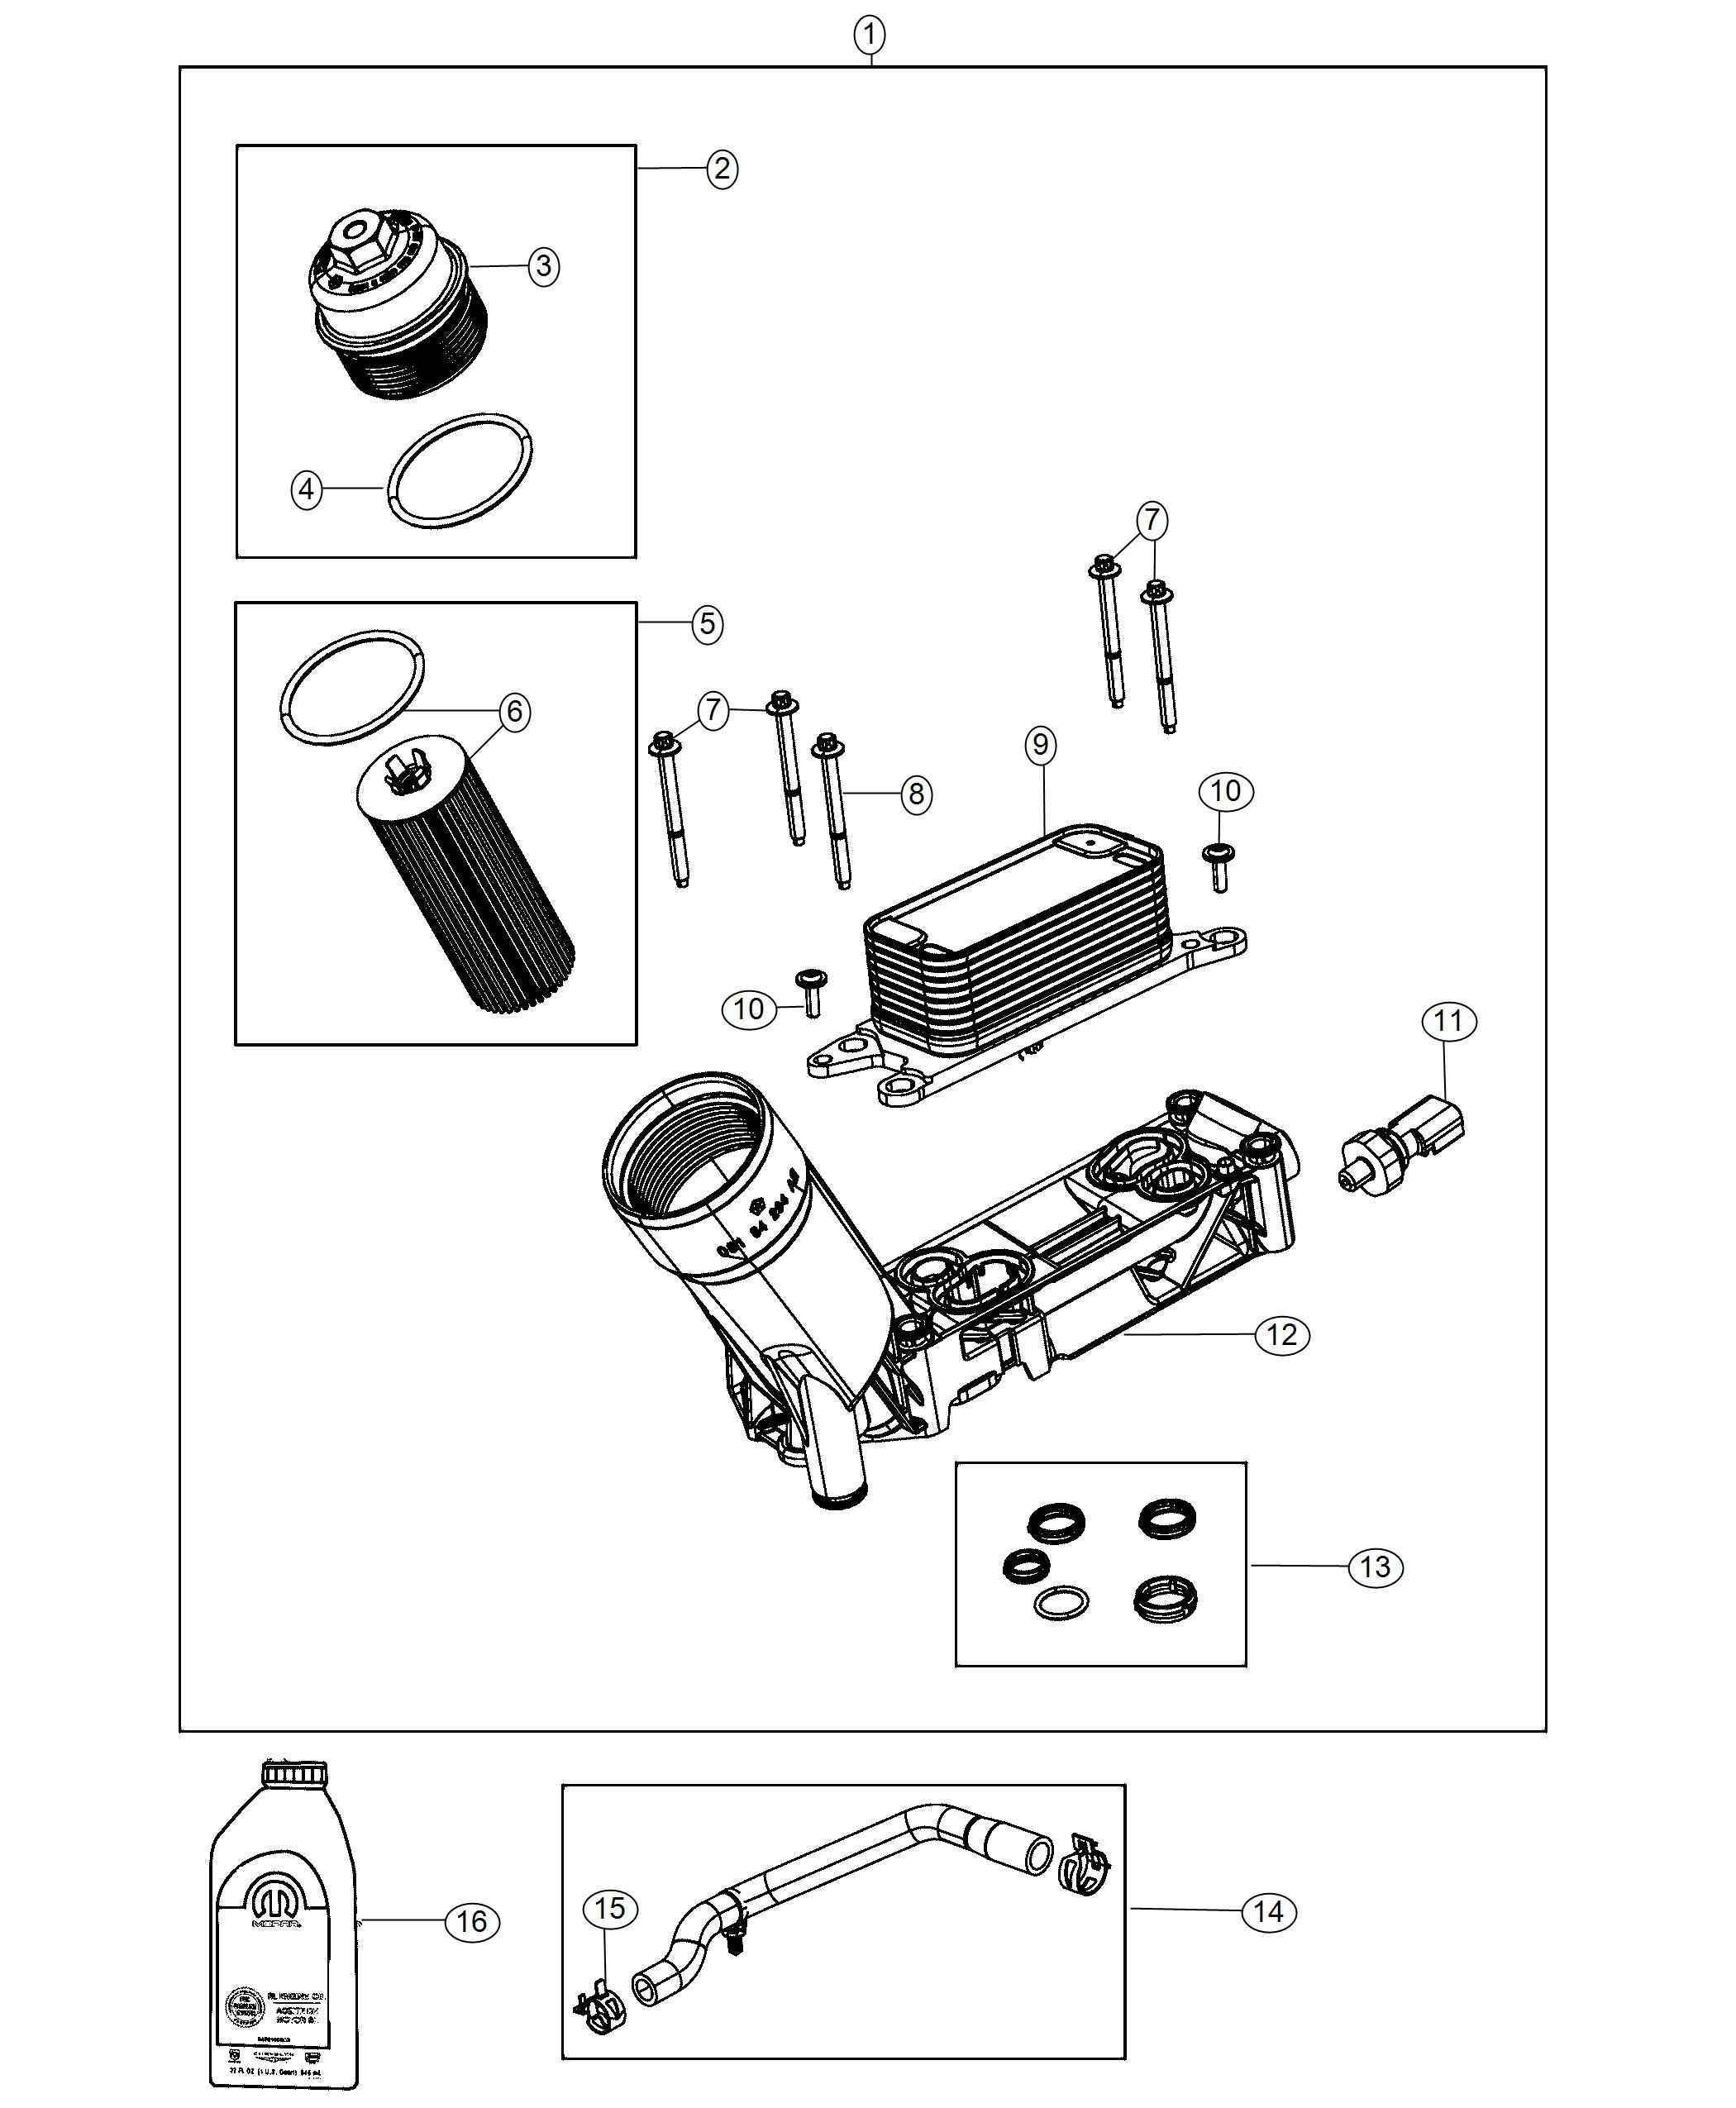 Jeep Grand Cherokee Sensor  Oil Pressure  Temperature  Pressure  Different  Illustration